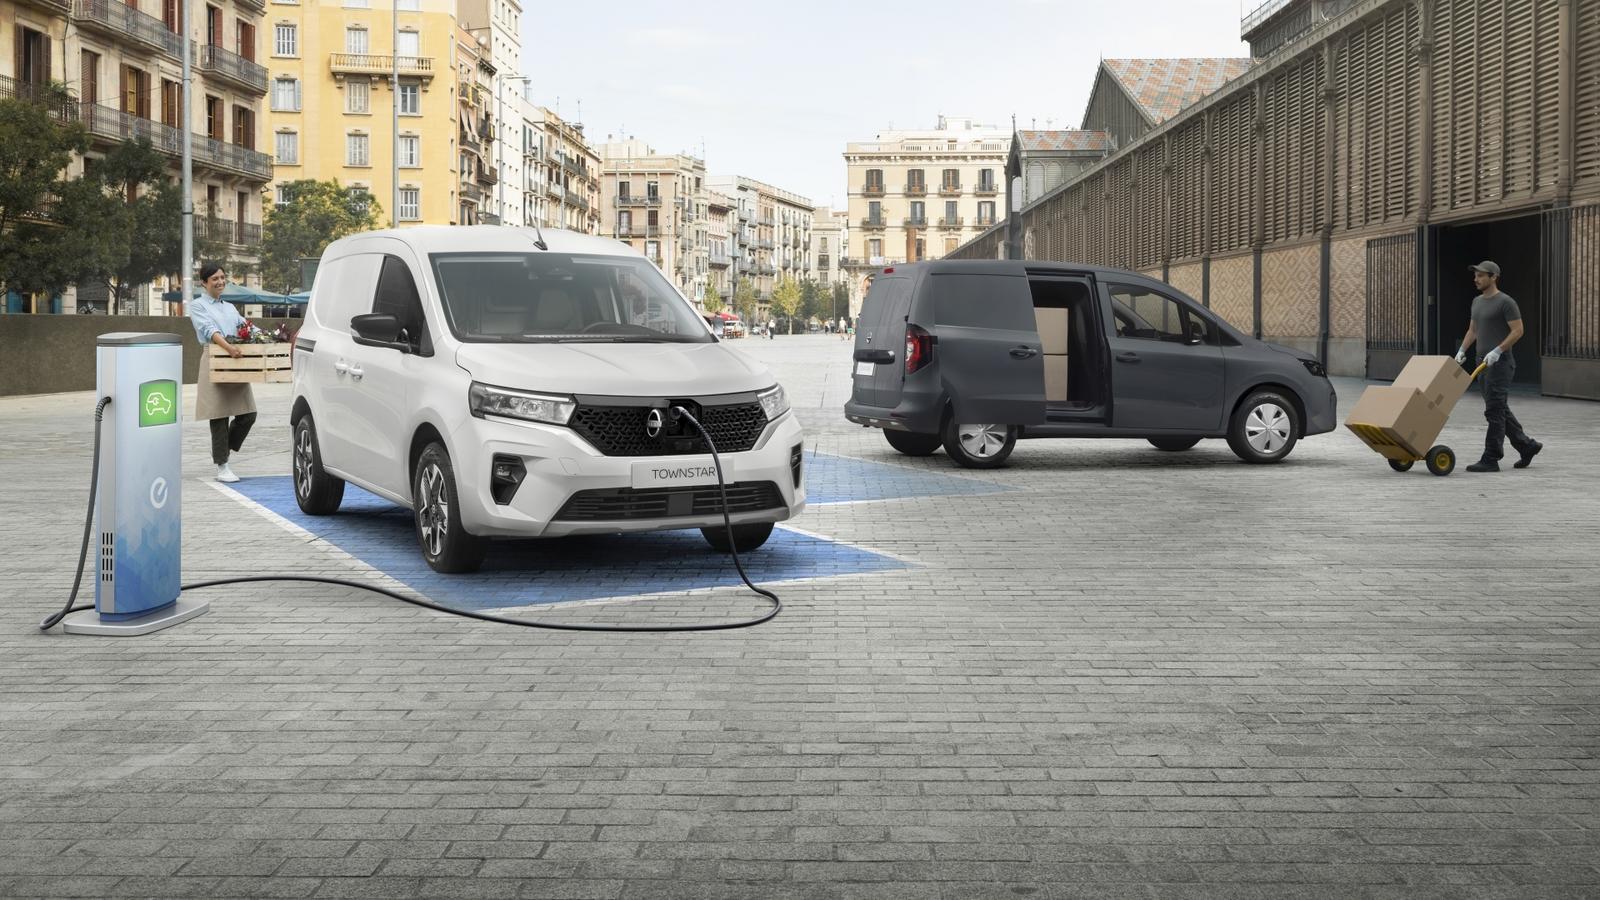 Nowy Nissan Townstar - koniec diesla w dostawczym modelu